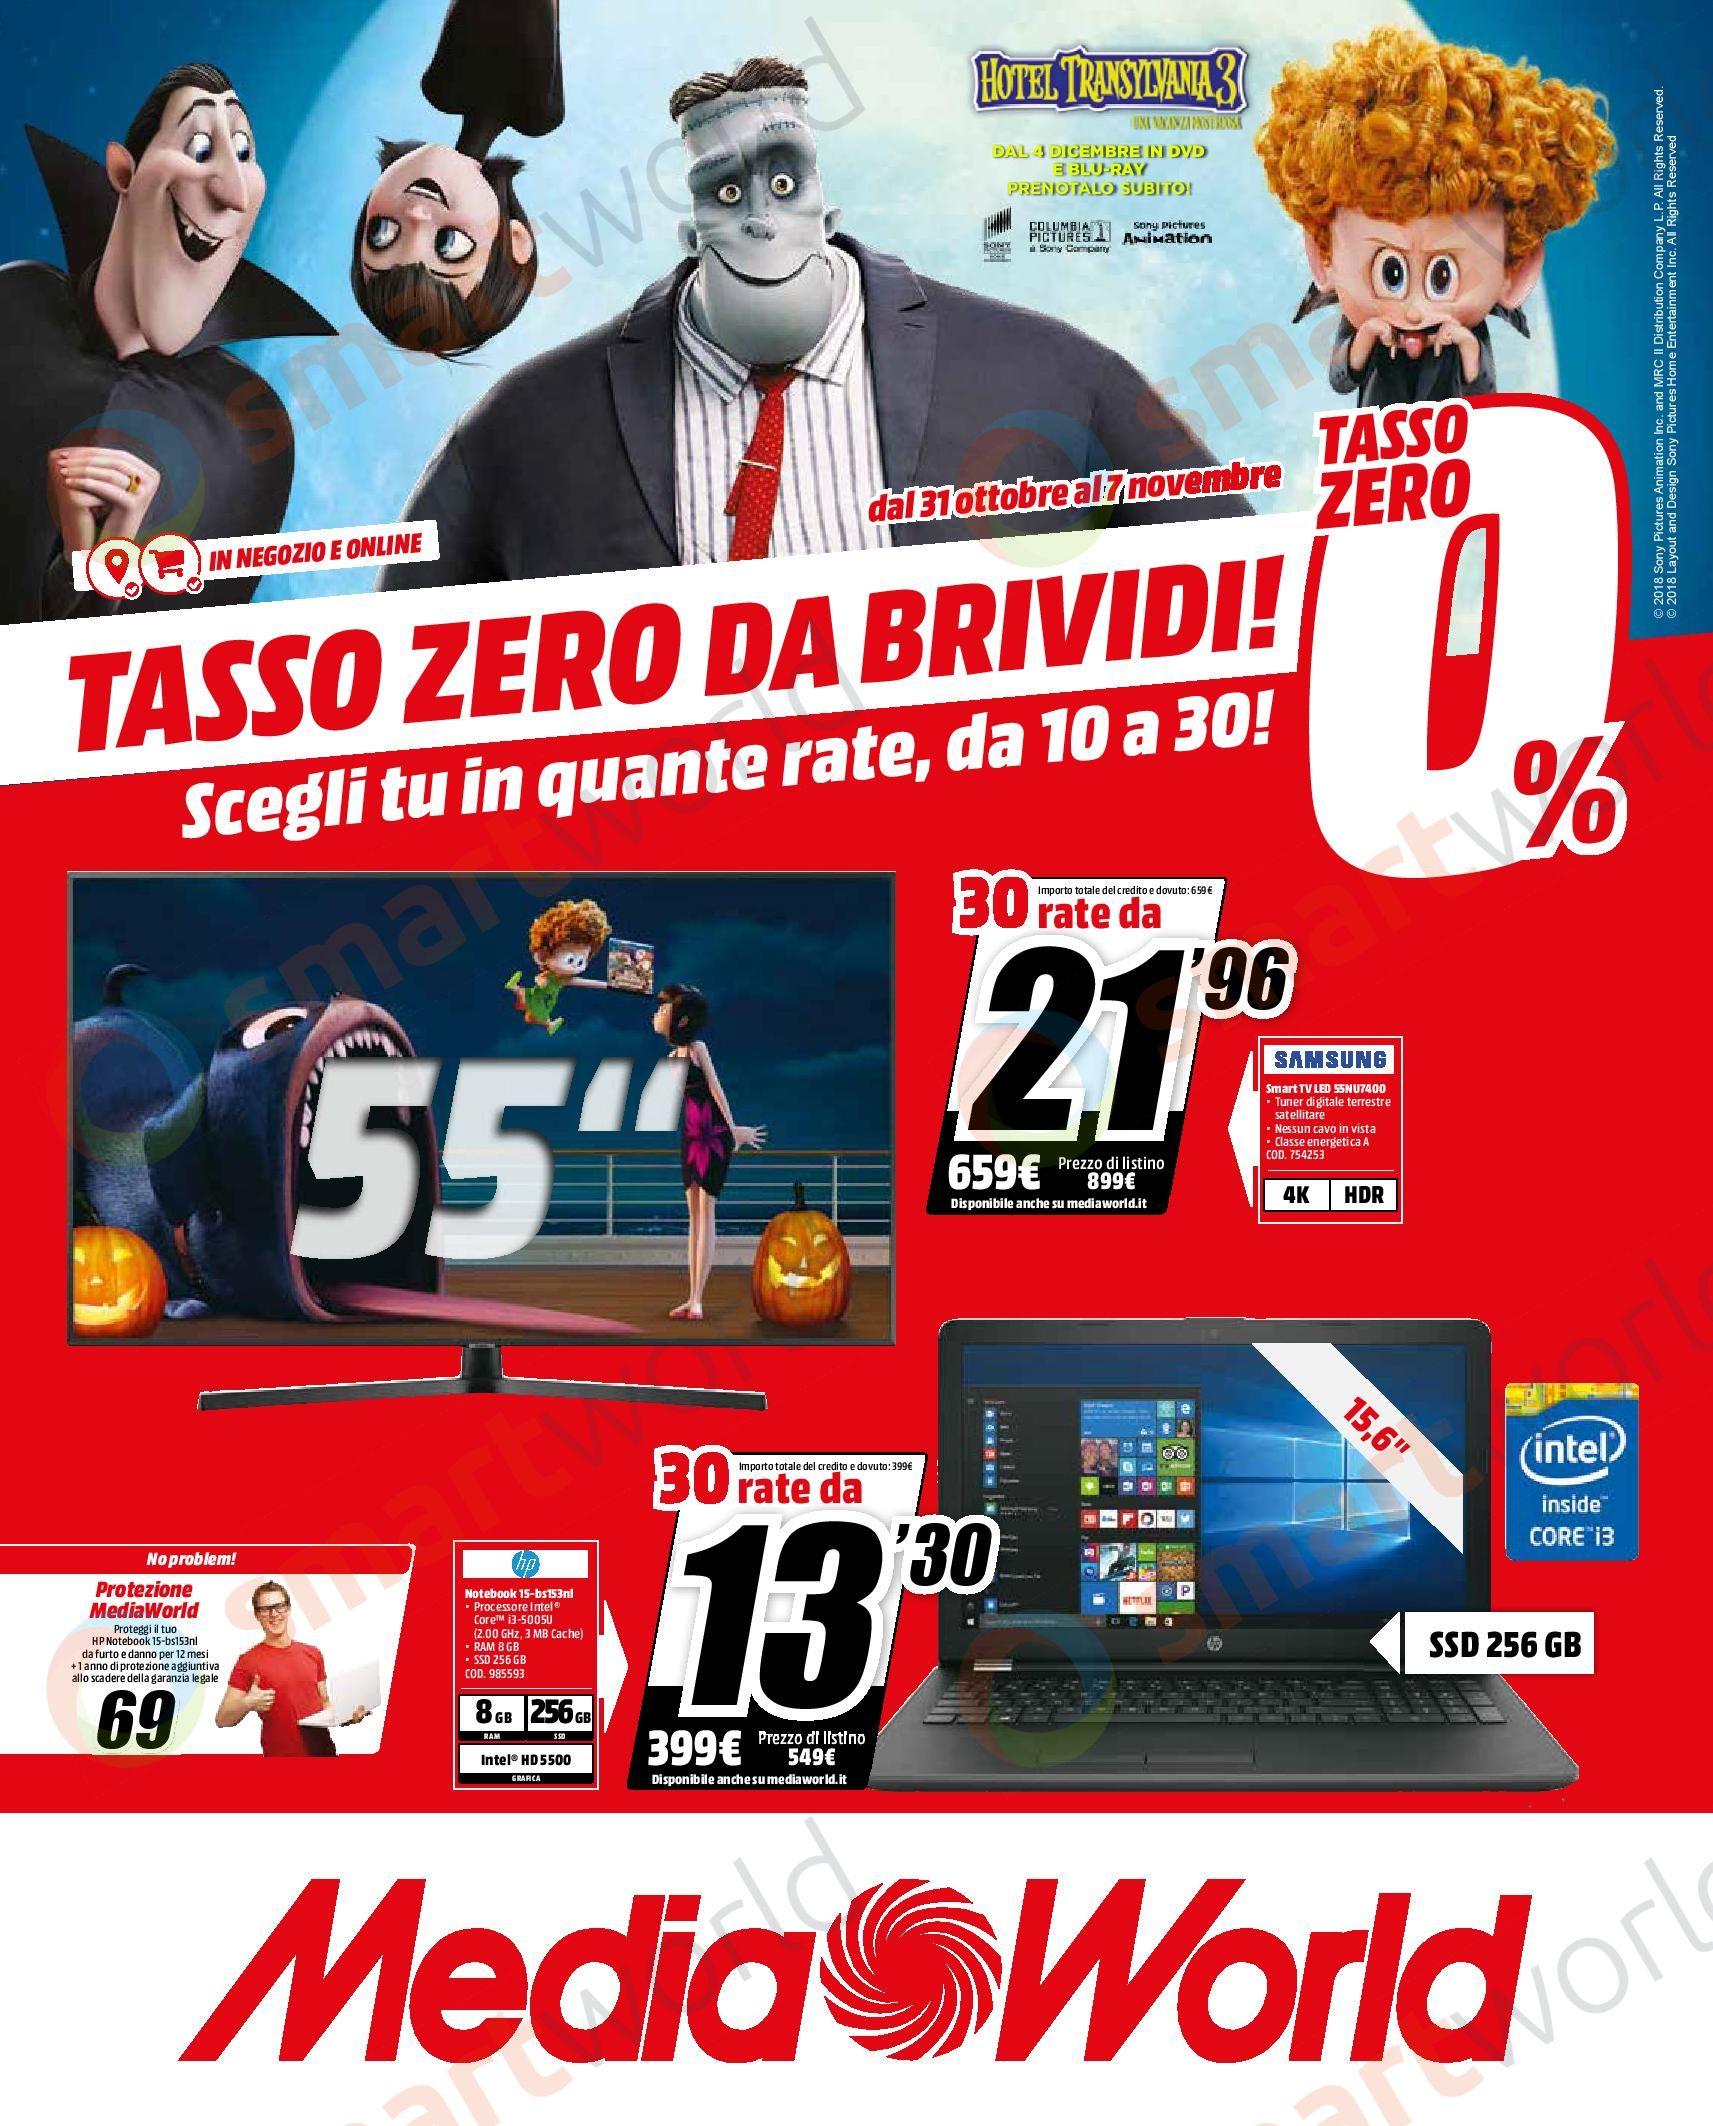 Volantino MediaWorld Tasso Zero Brivido Ottobre 2018 (1)